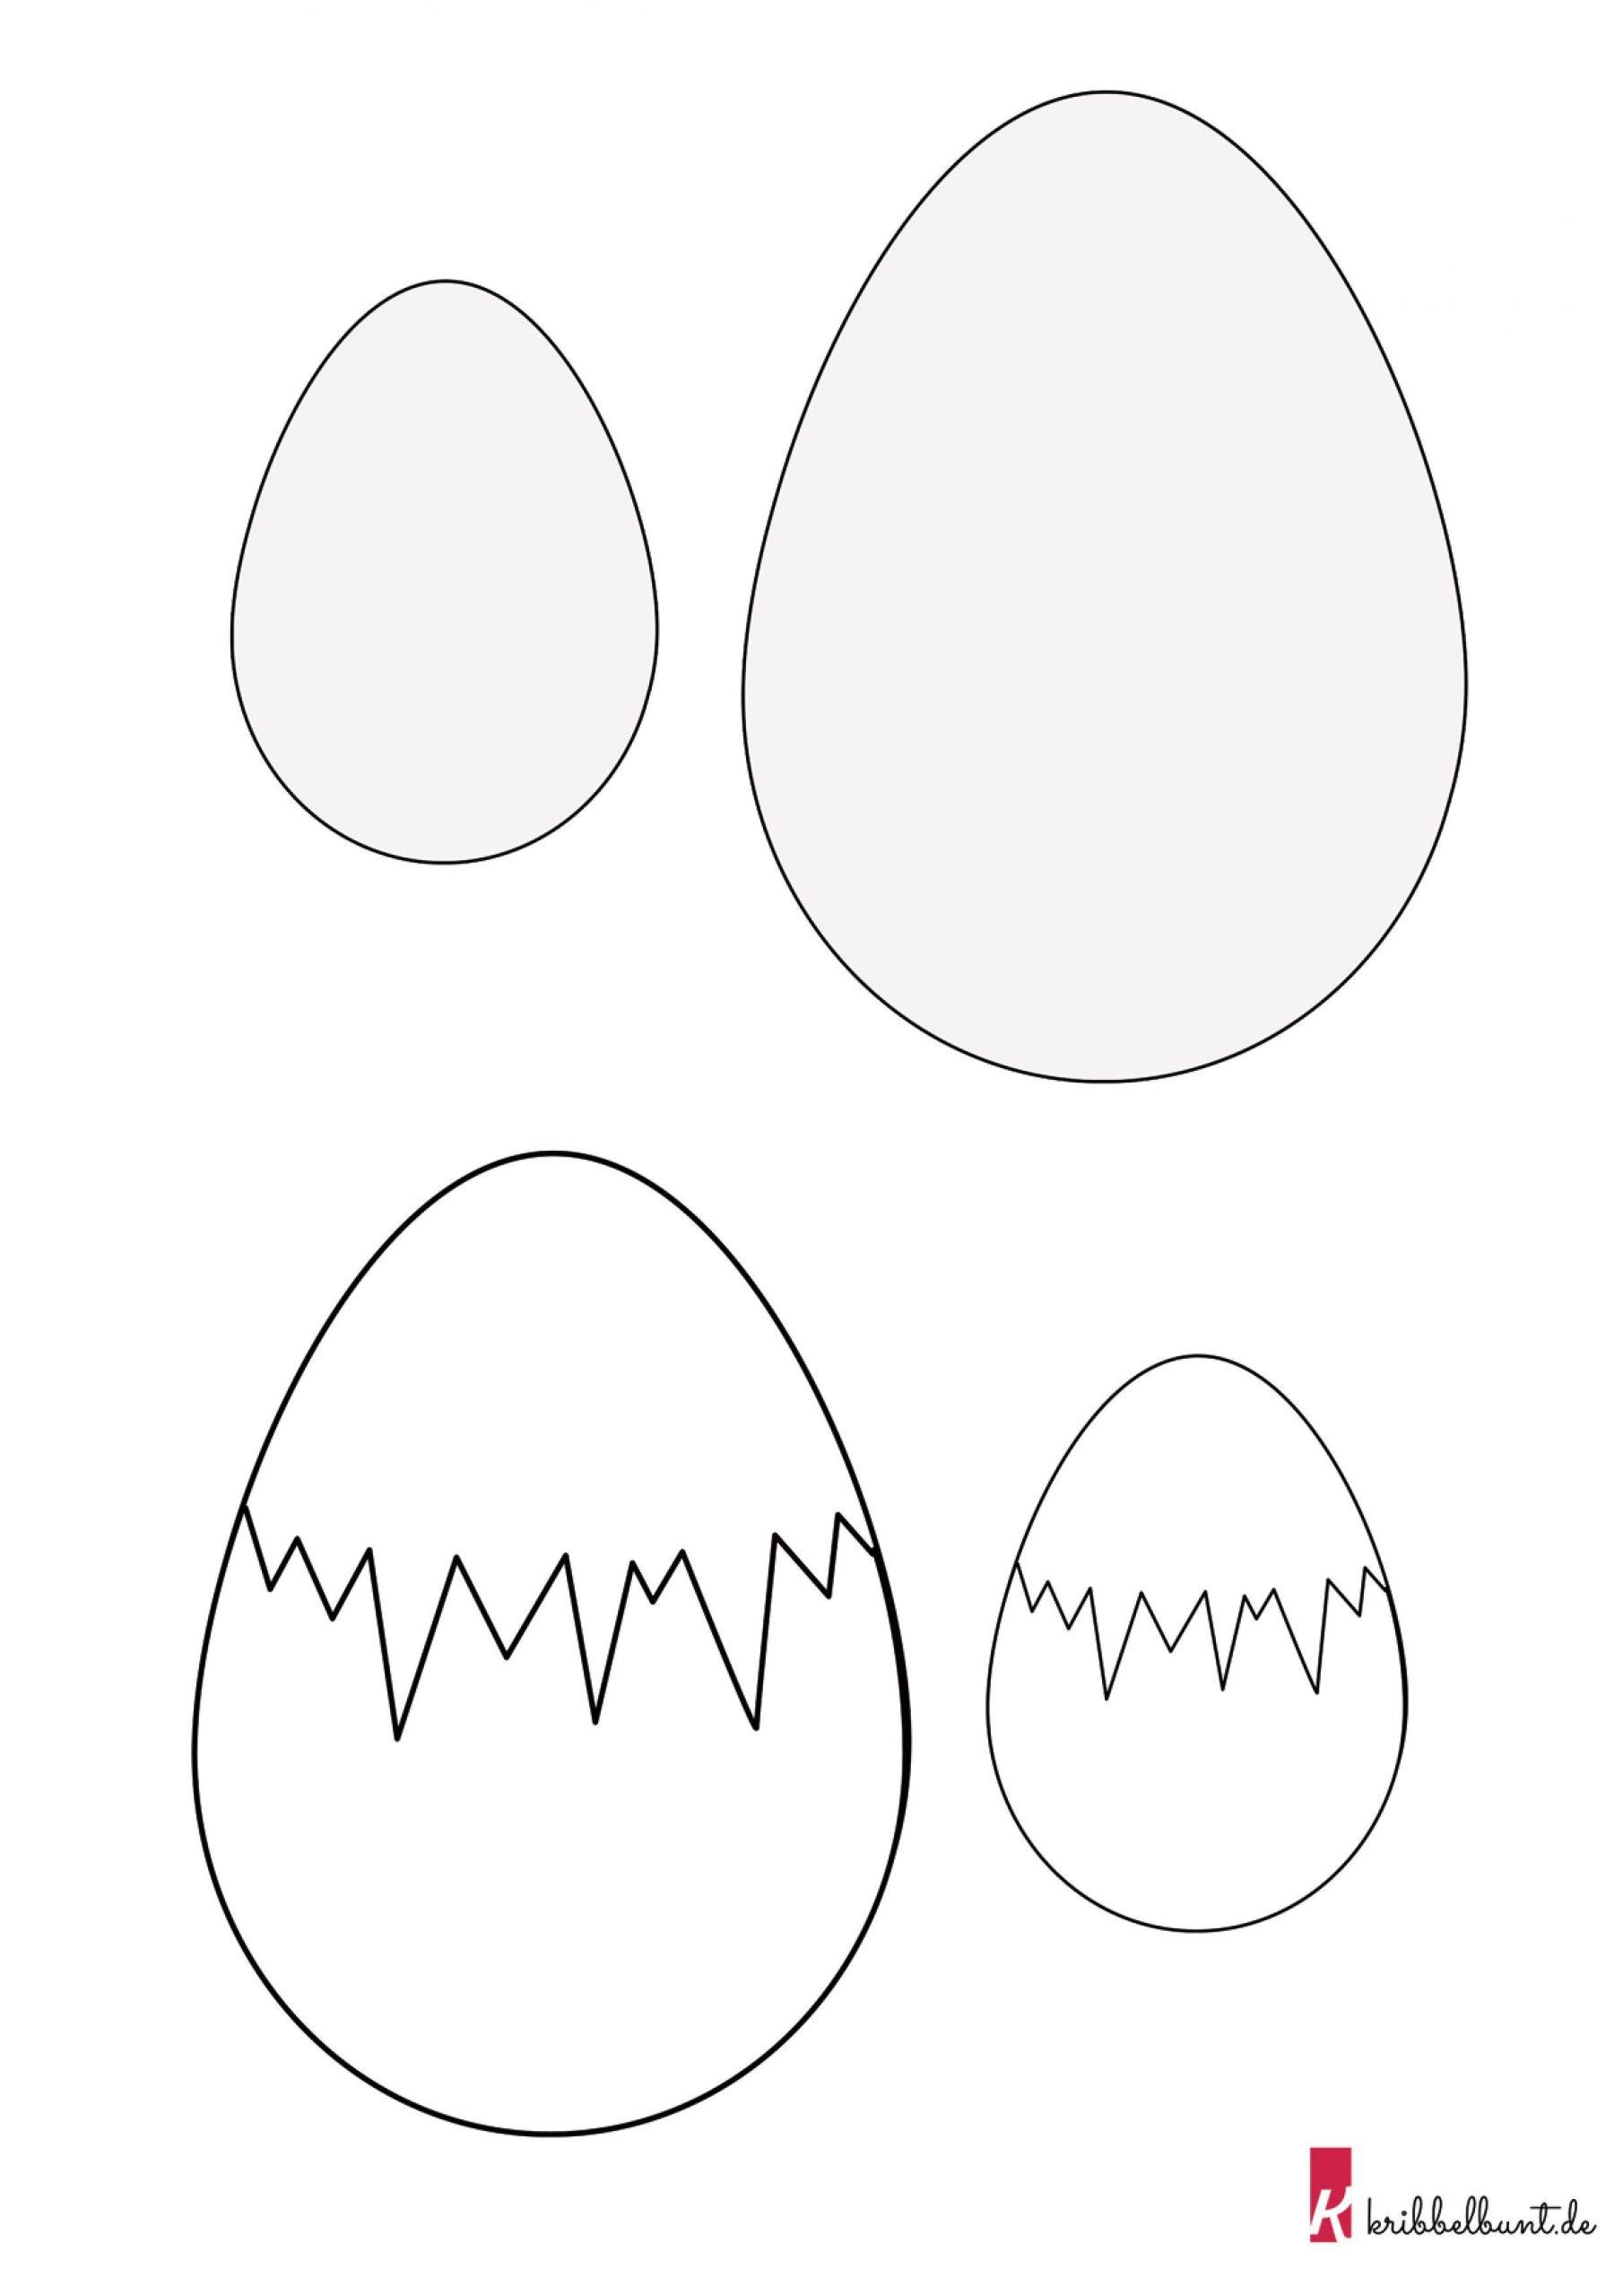 Osterei Vorlage In 2020 | Osterei Vorlage, Bastelvorlagen bestimmt für Vorlage Ei